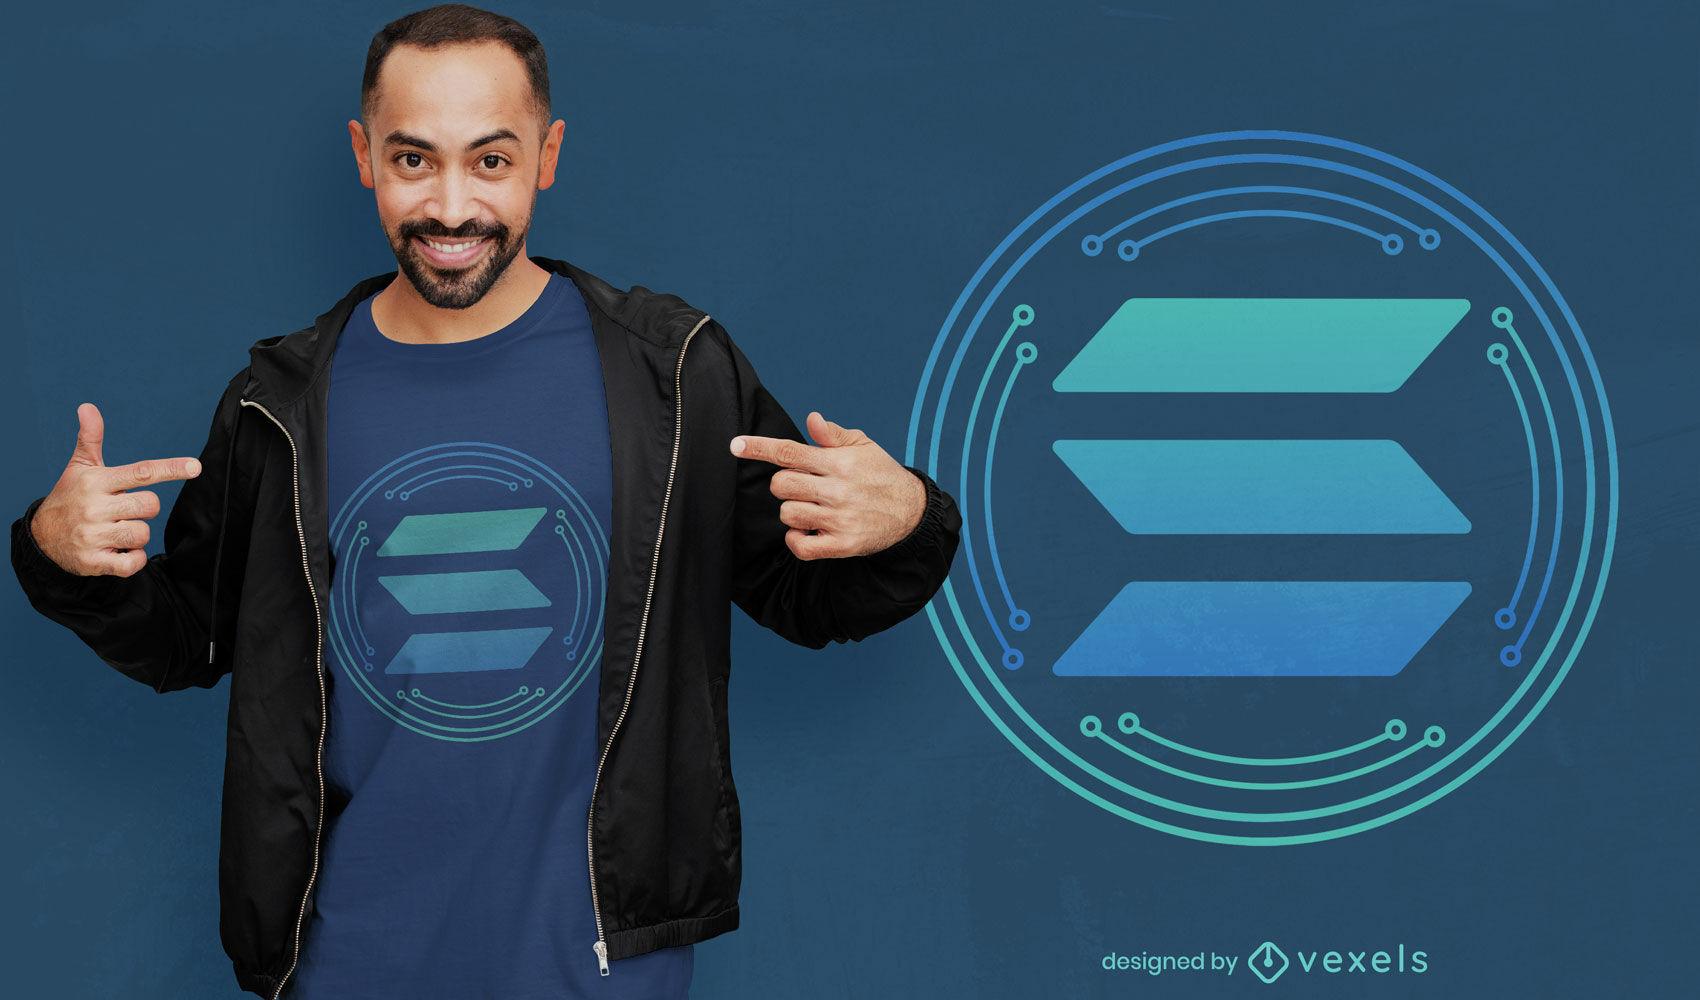 Diseño de camiseta de símbolo de moneda criptográfica solana